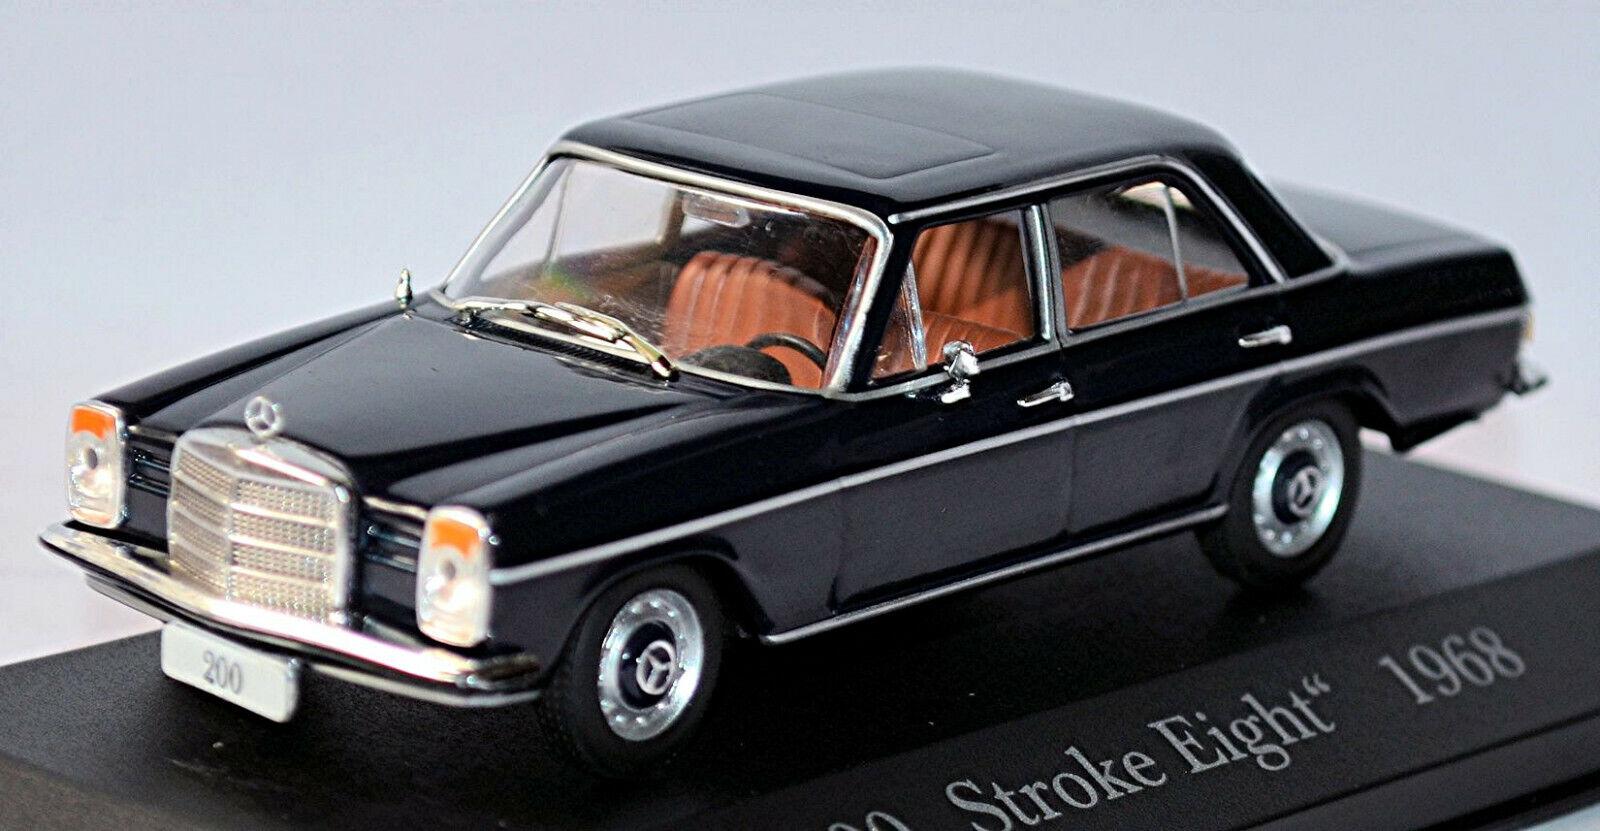 Mercedes Benz 200 -8 Stroke Eight W115 1967 -73 Midnight -blå blå Oscuro 1 43